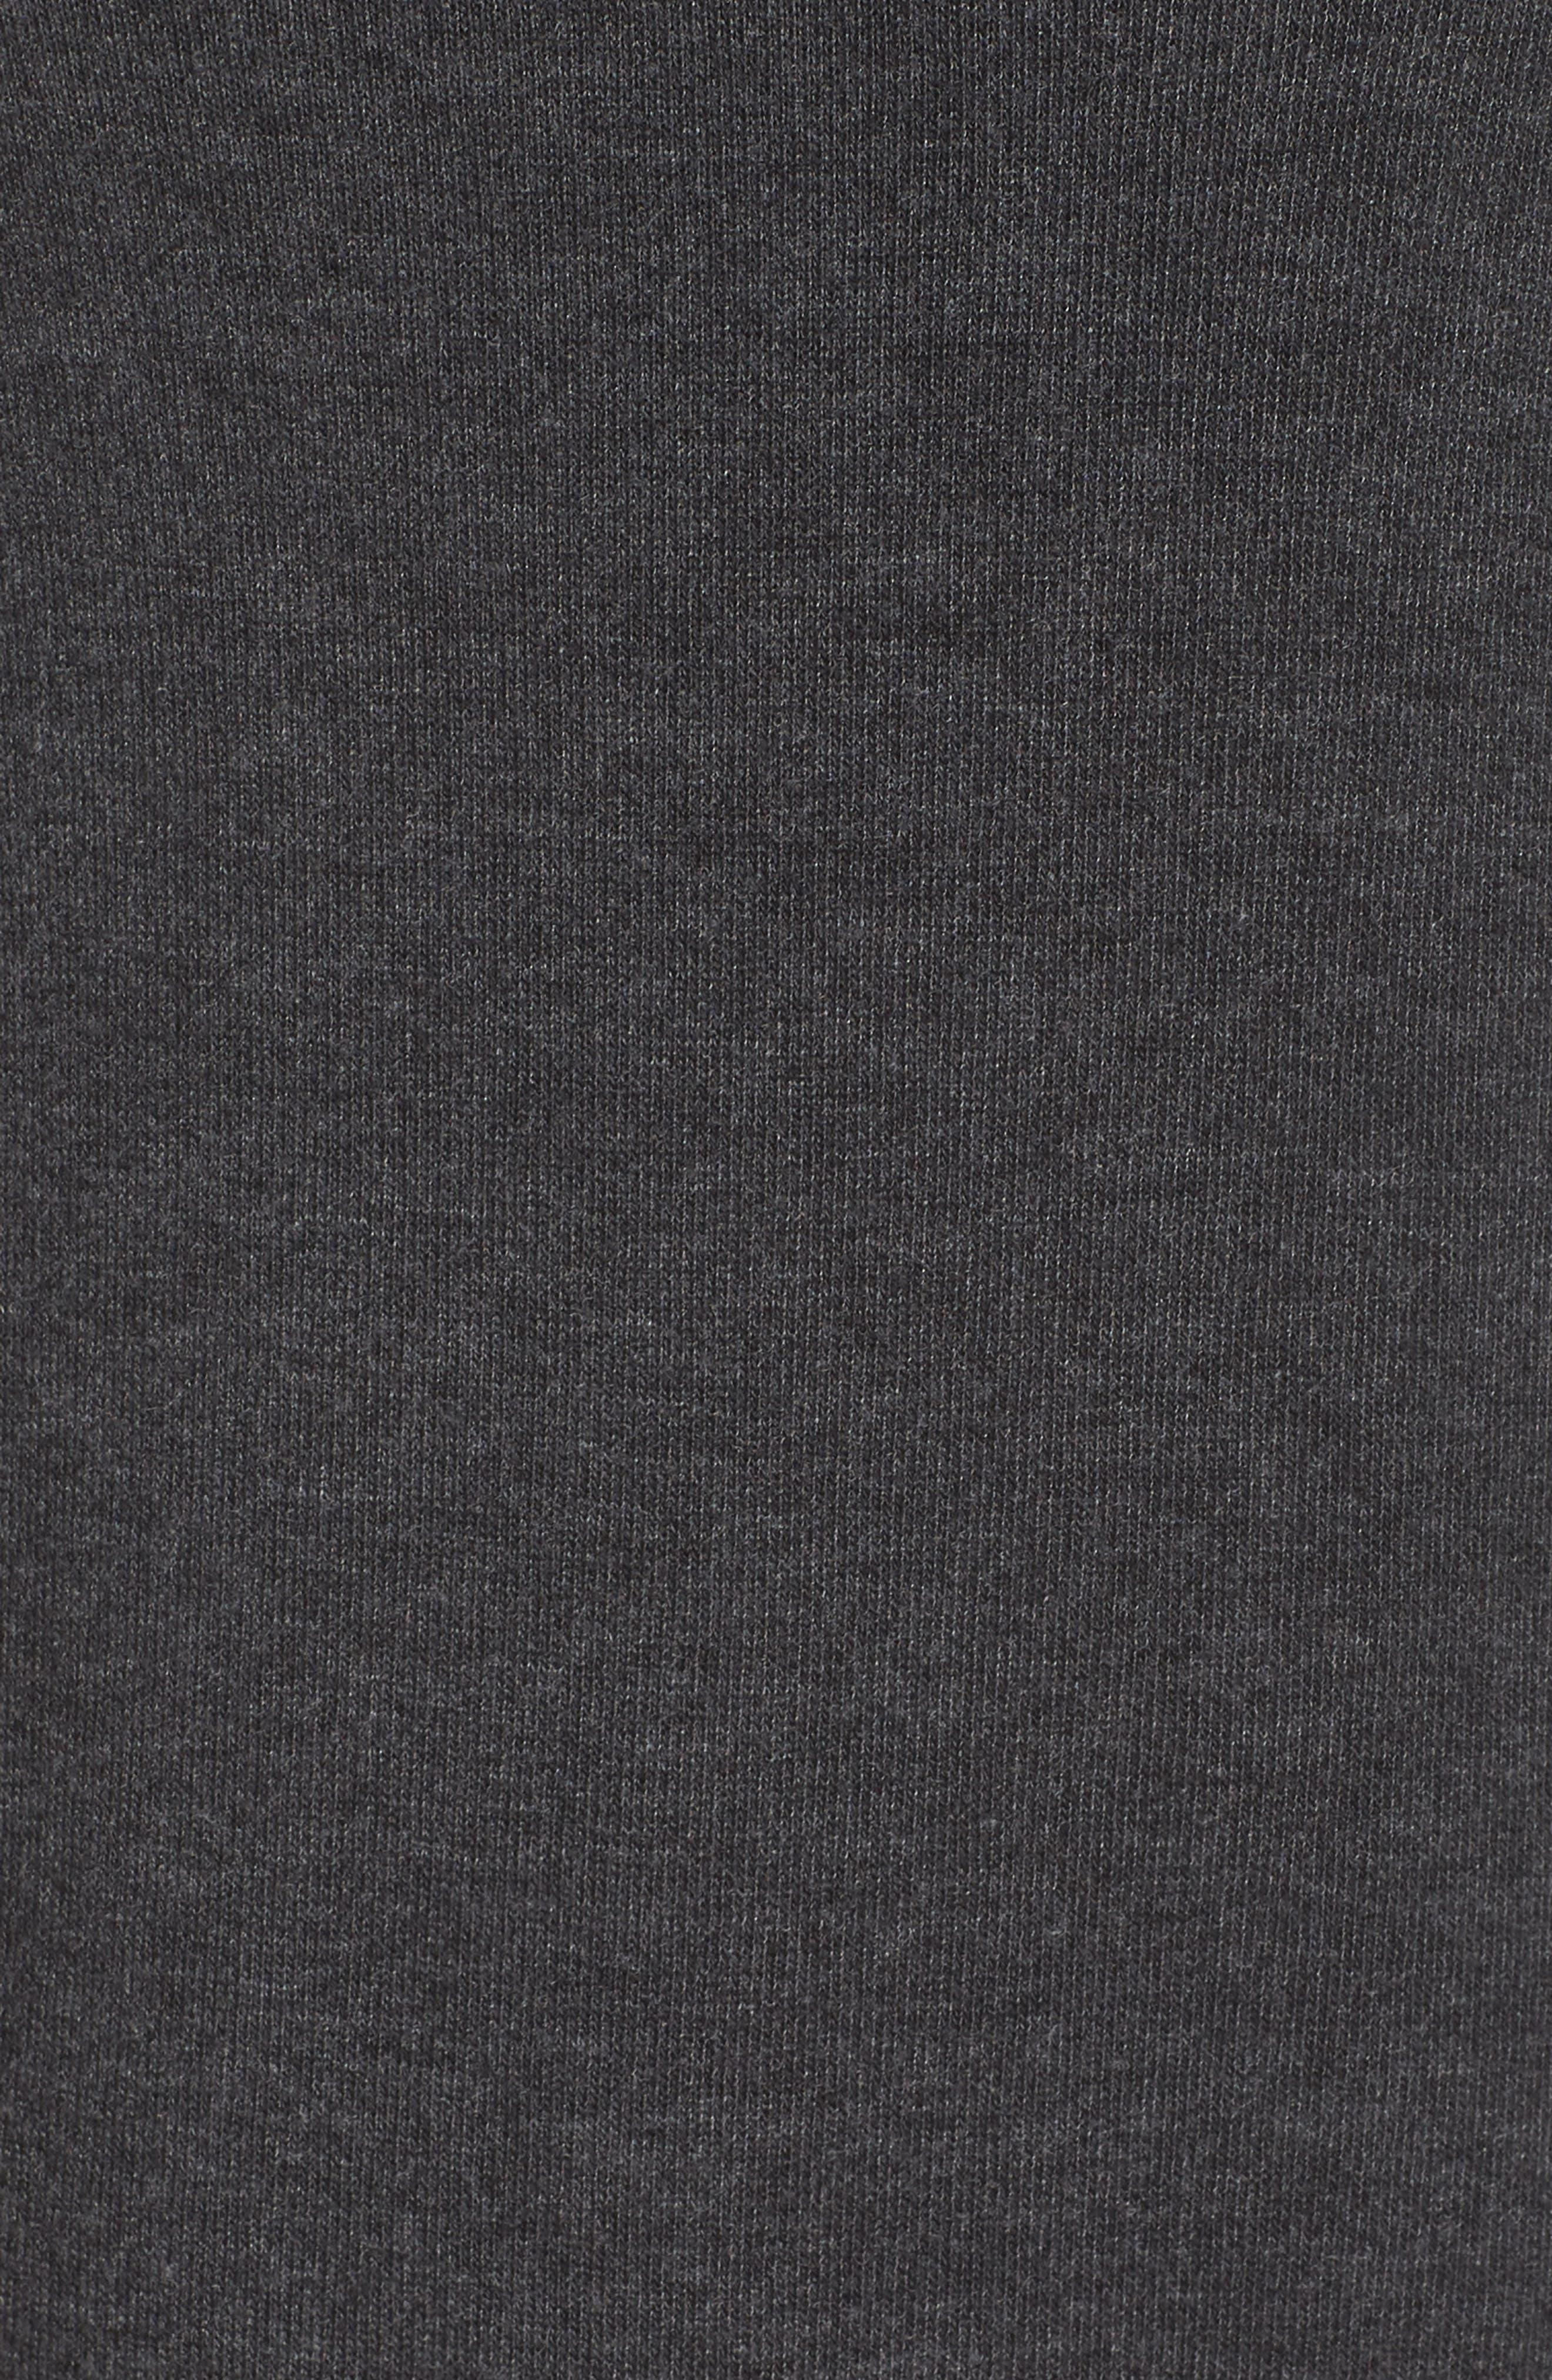 Love Wins Savasana Sweatshirt,                             Alternate thumbnail 6, color,                             VINTAGE BLACK